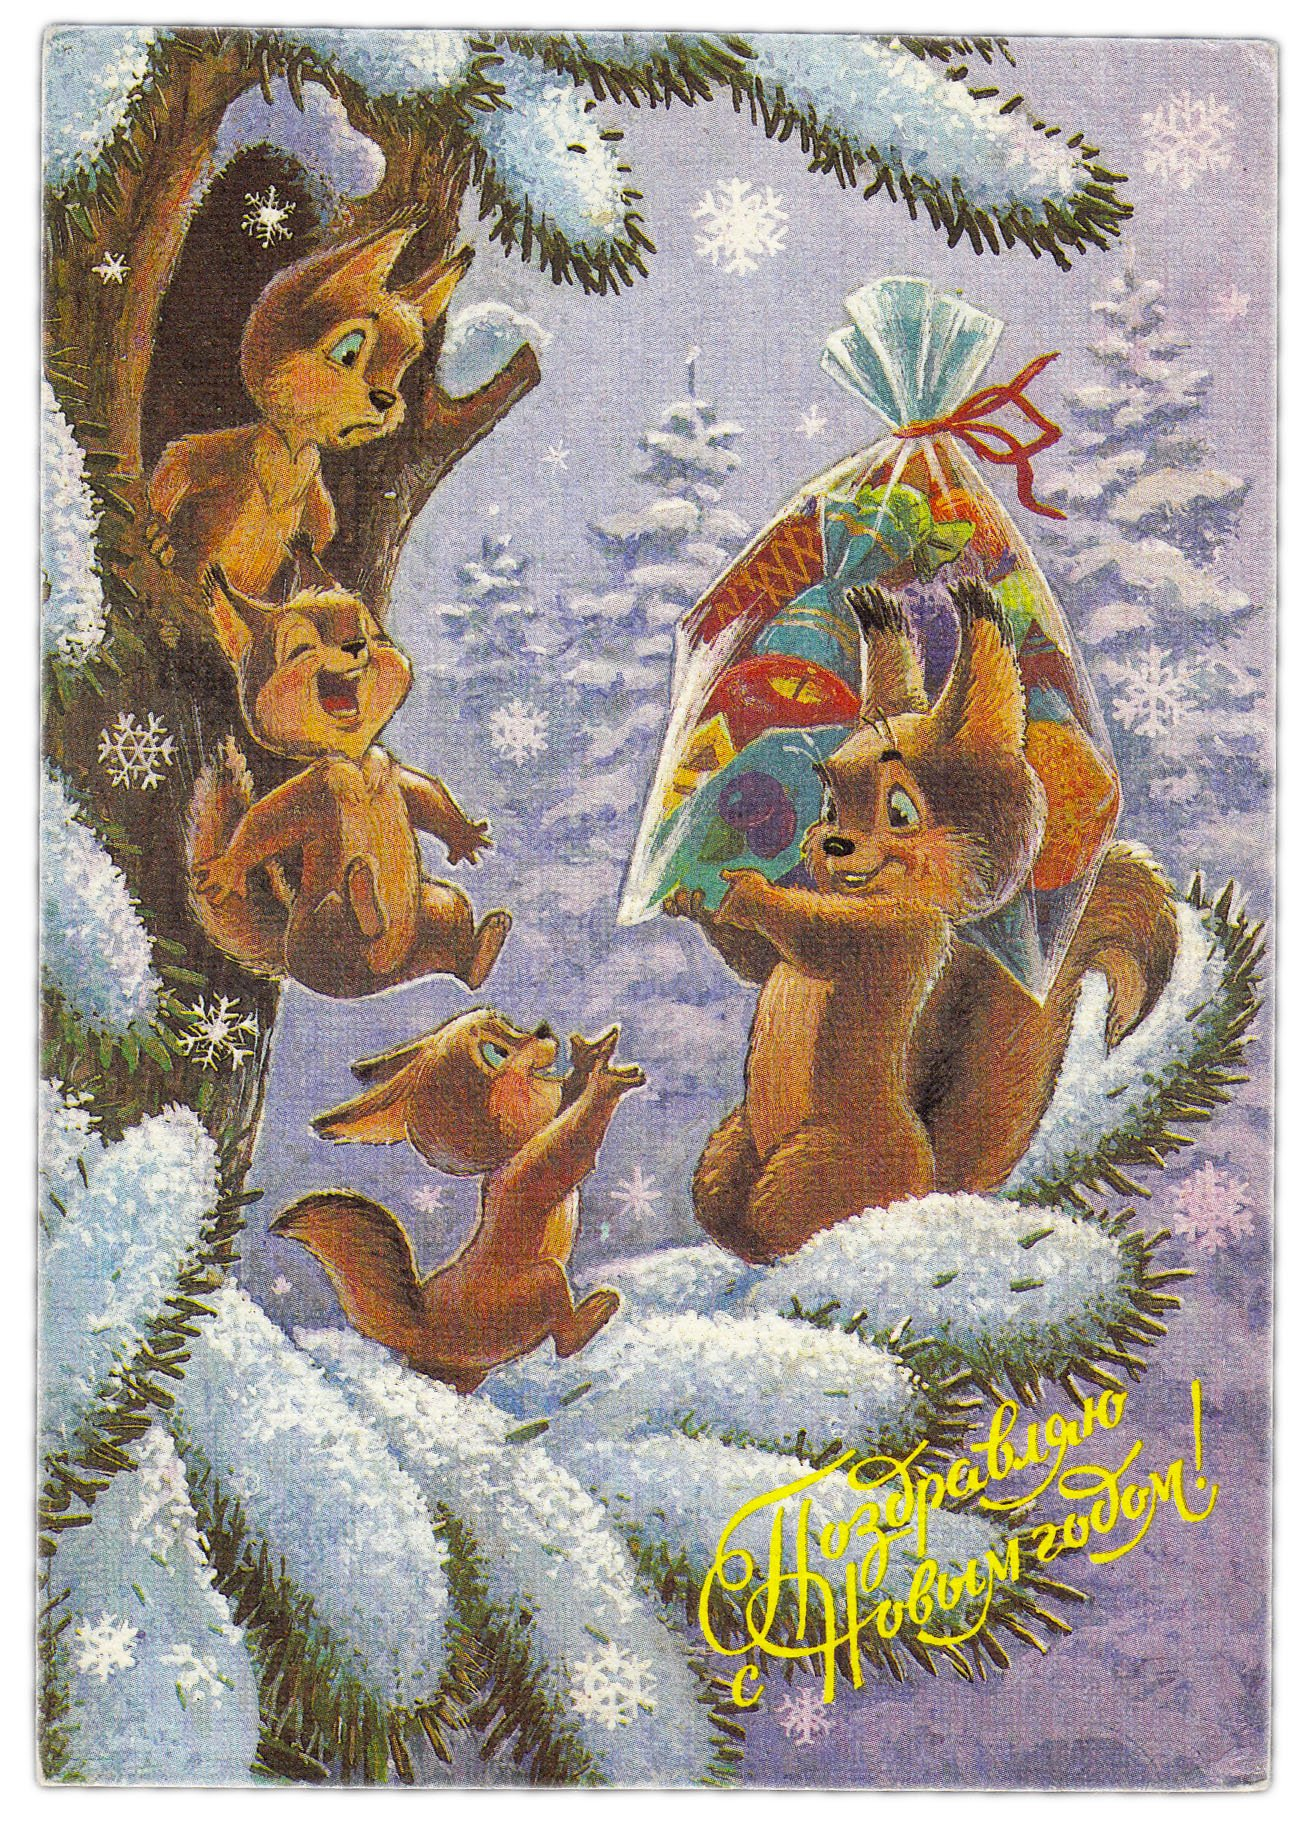 старые открытки с наступающим новым годом в хорошем качестве суходольные луга